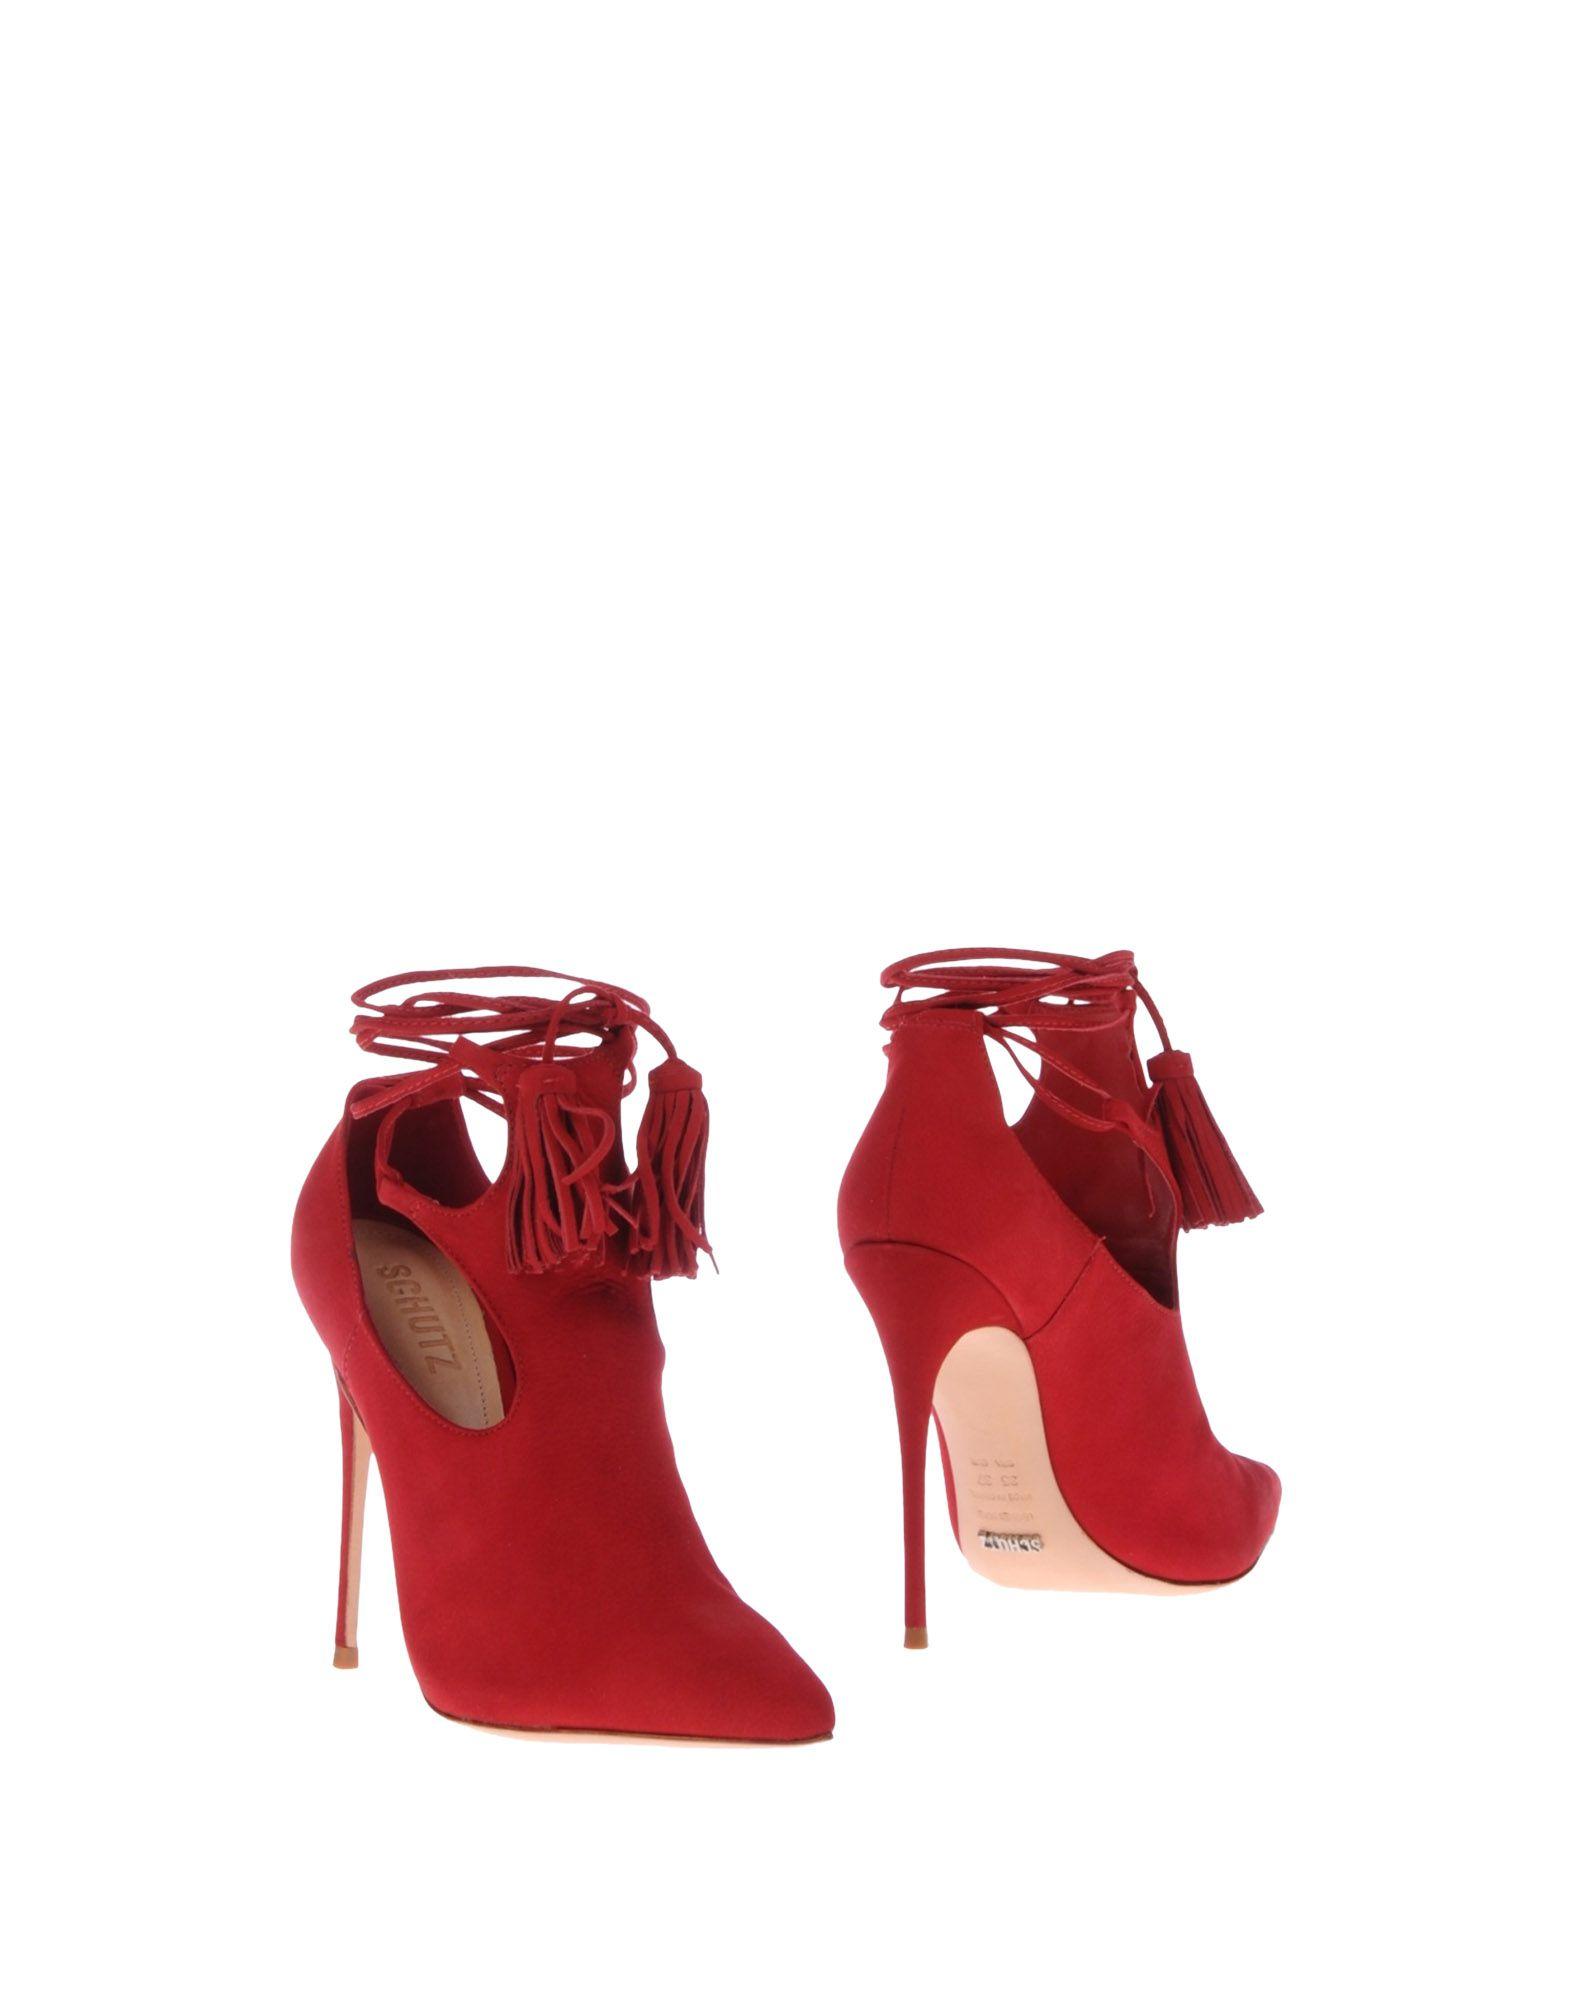 Moda Stivaletti Schutz Donna - 11251262DV 11251262DV - 76e257